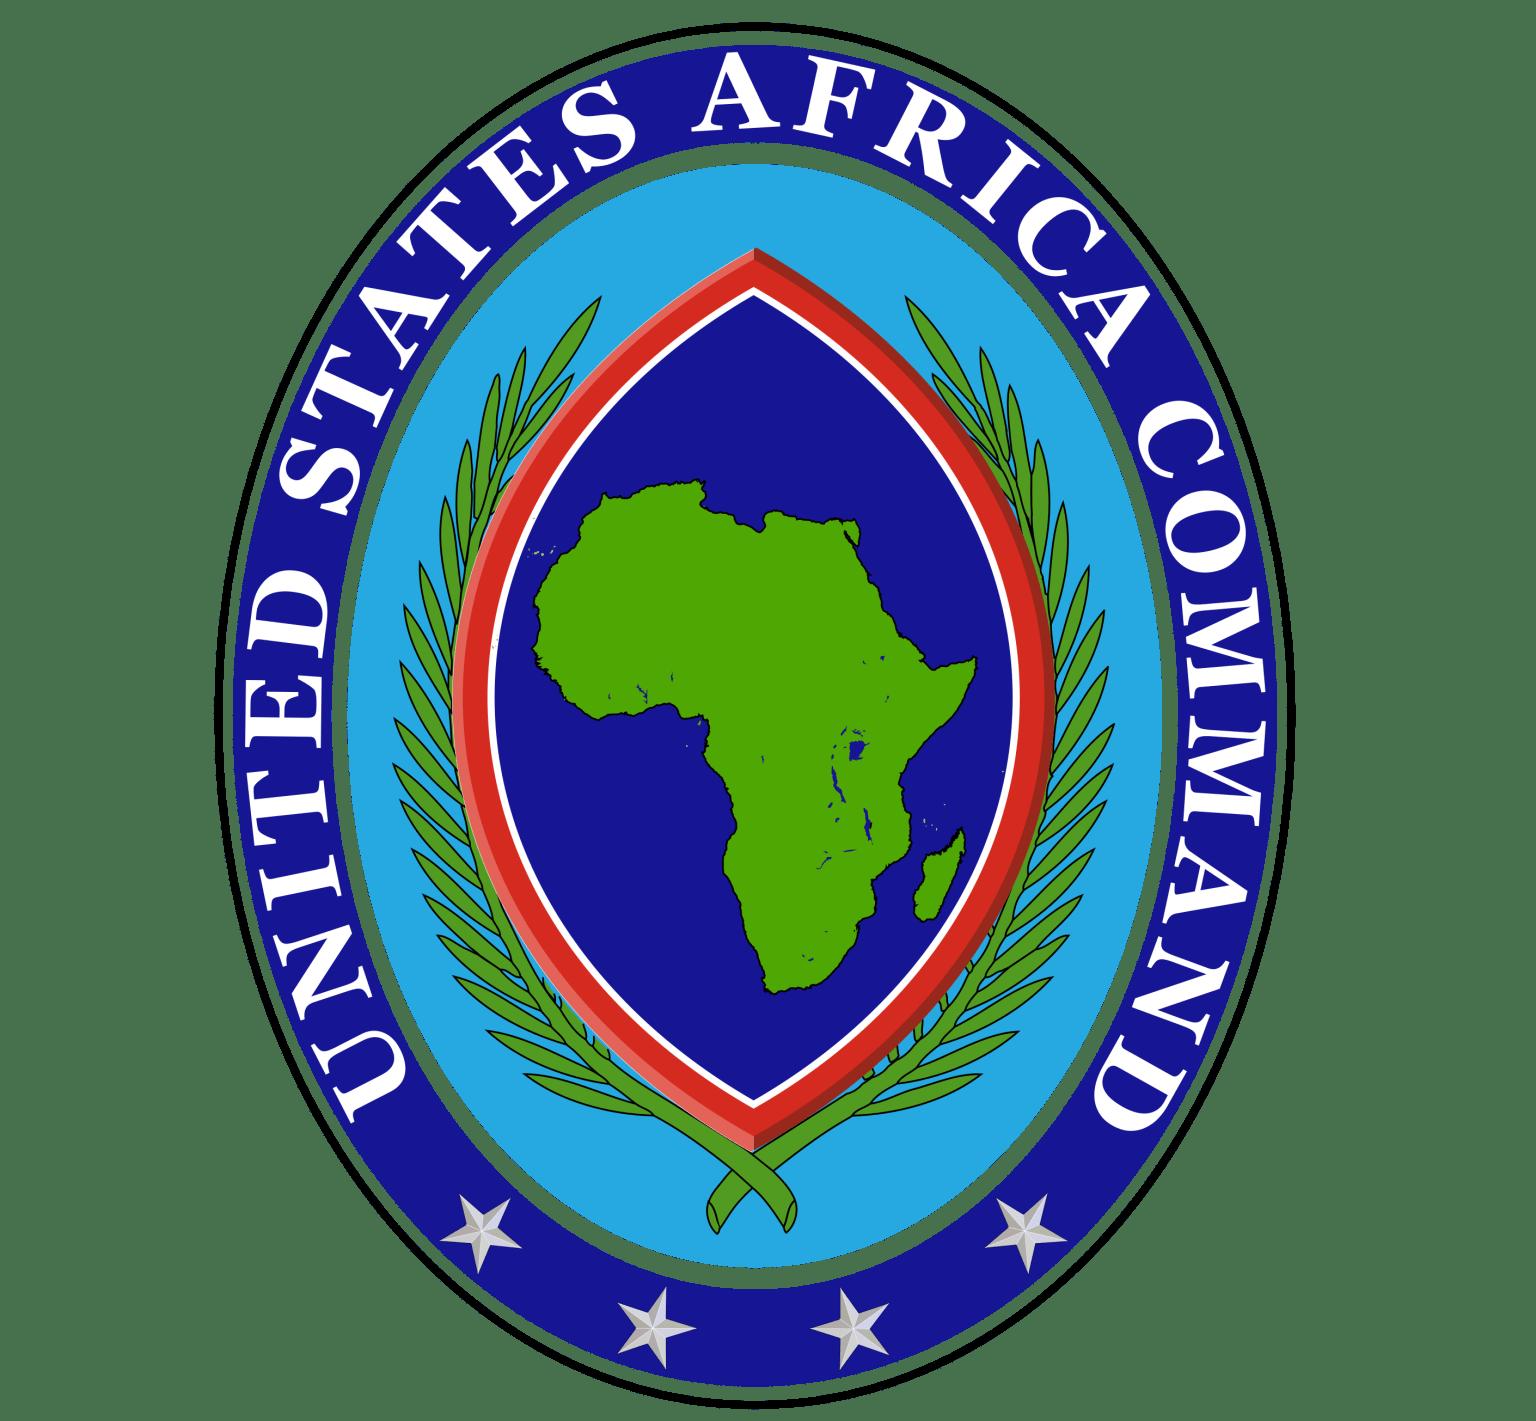 قيادة الجيش الأمريكي في إفريقيا